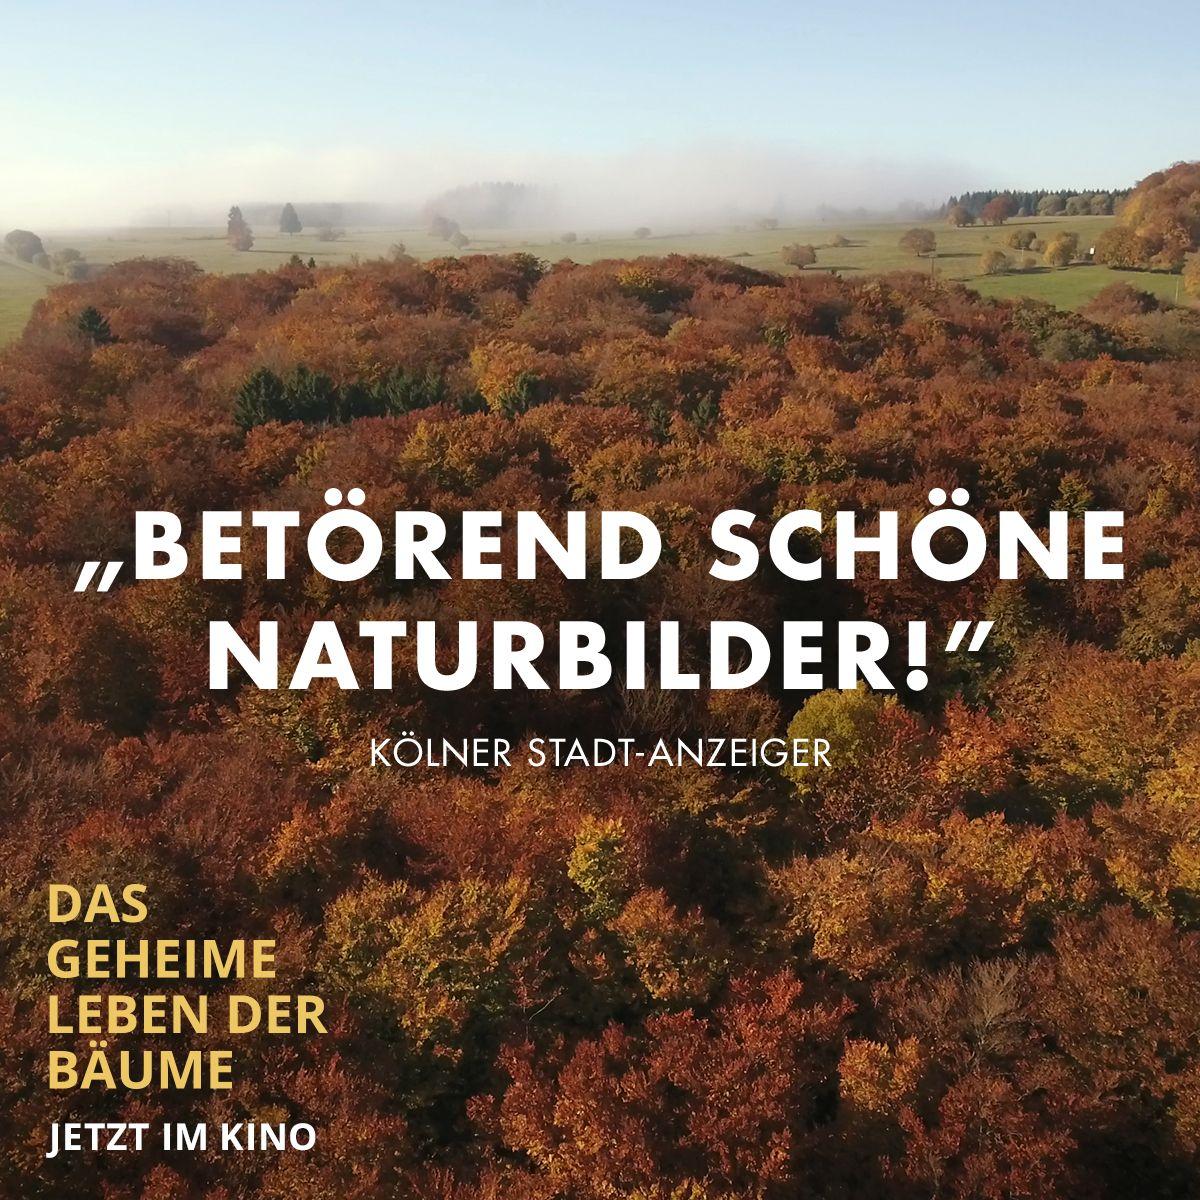 Pin Von Constantin Film Auf Das Geheime Leben Der Baume In 2020 Constantin Film Leben Naturbilder